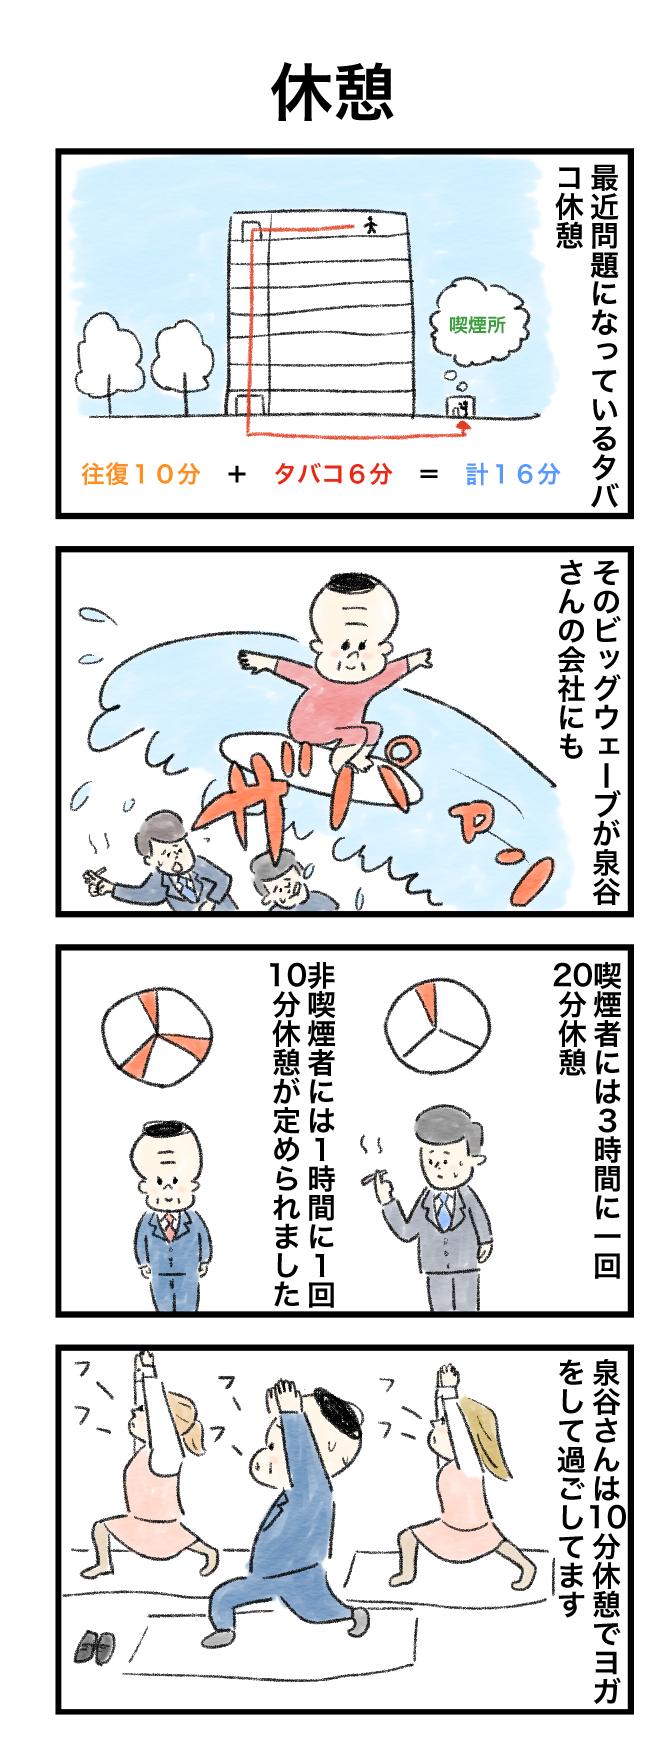 今日の泉谷さん【23】 作:カワサキヒロシ(ごとお日漫画)